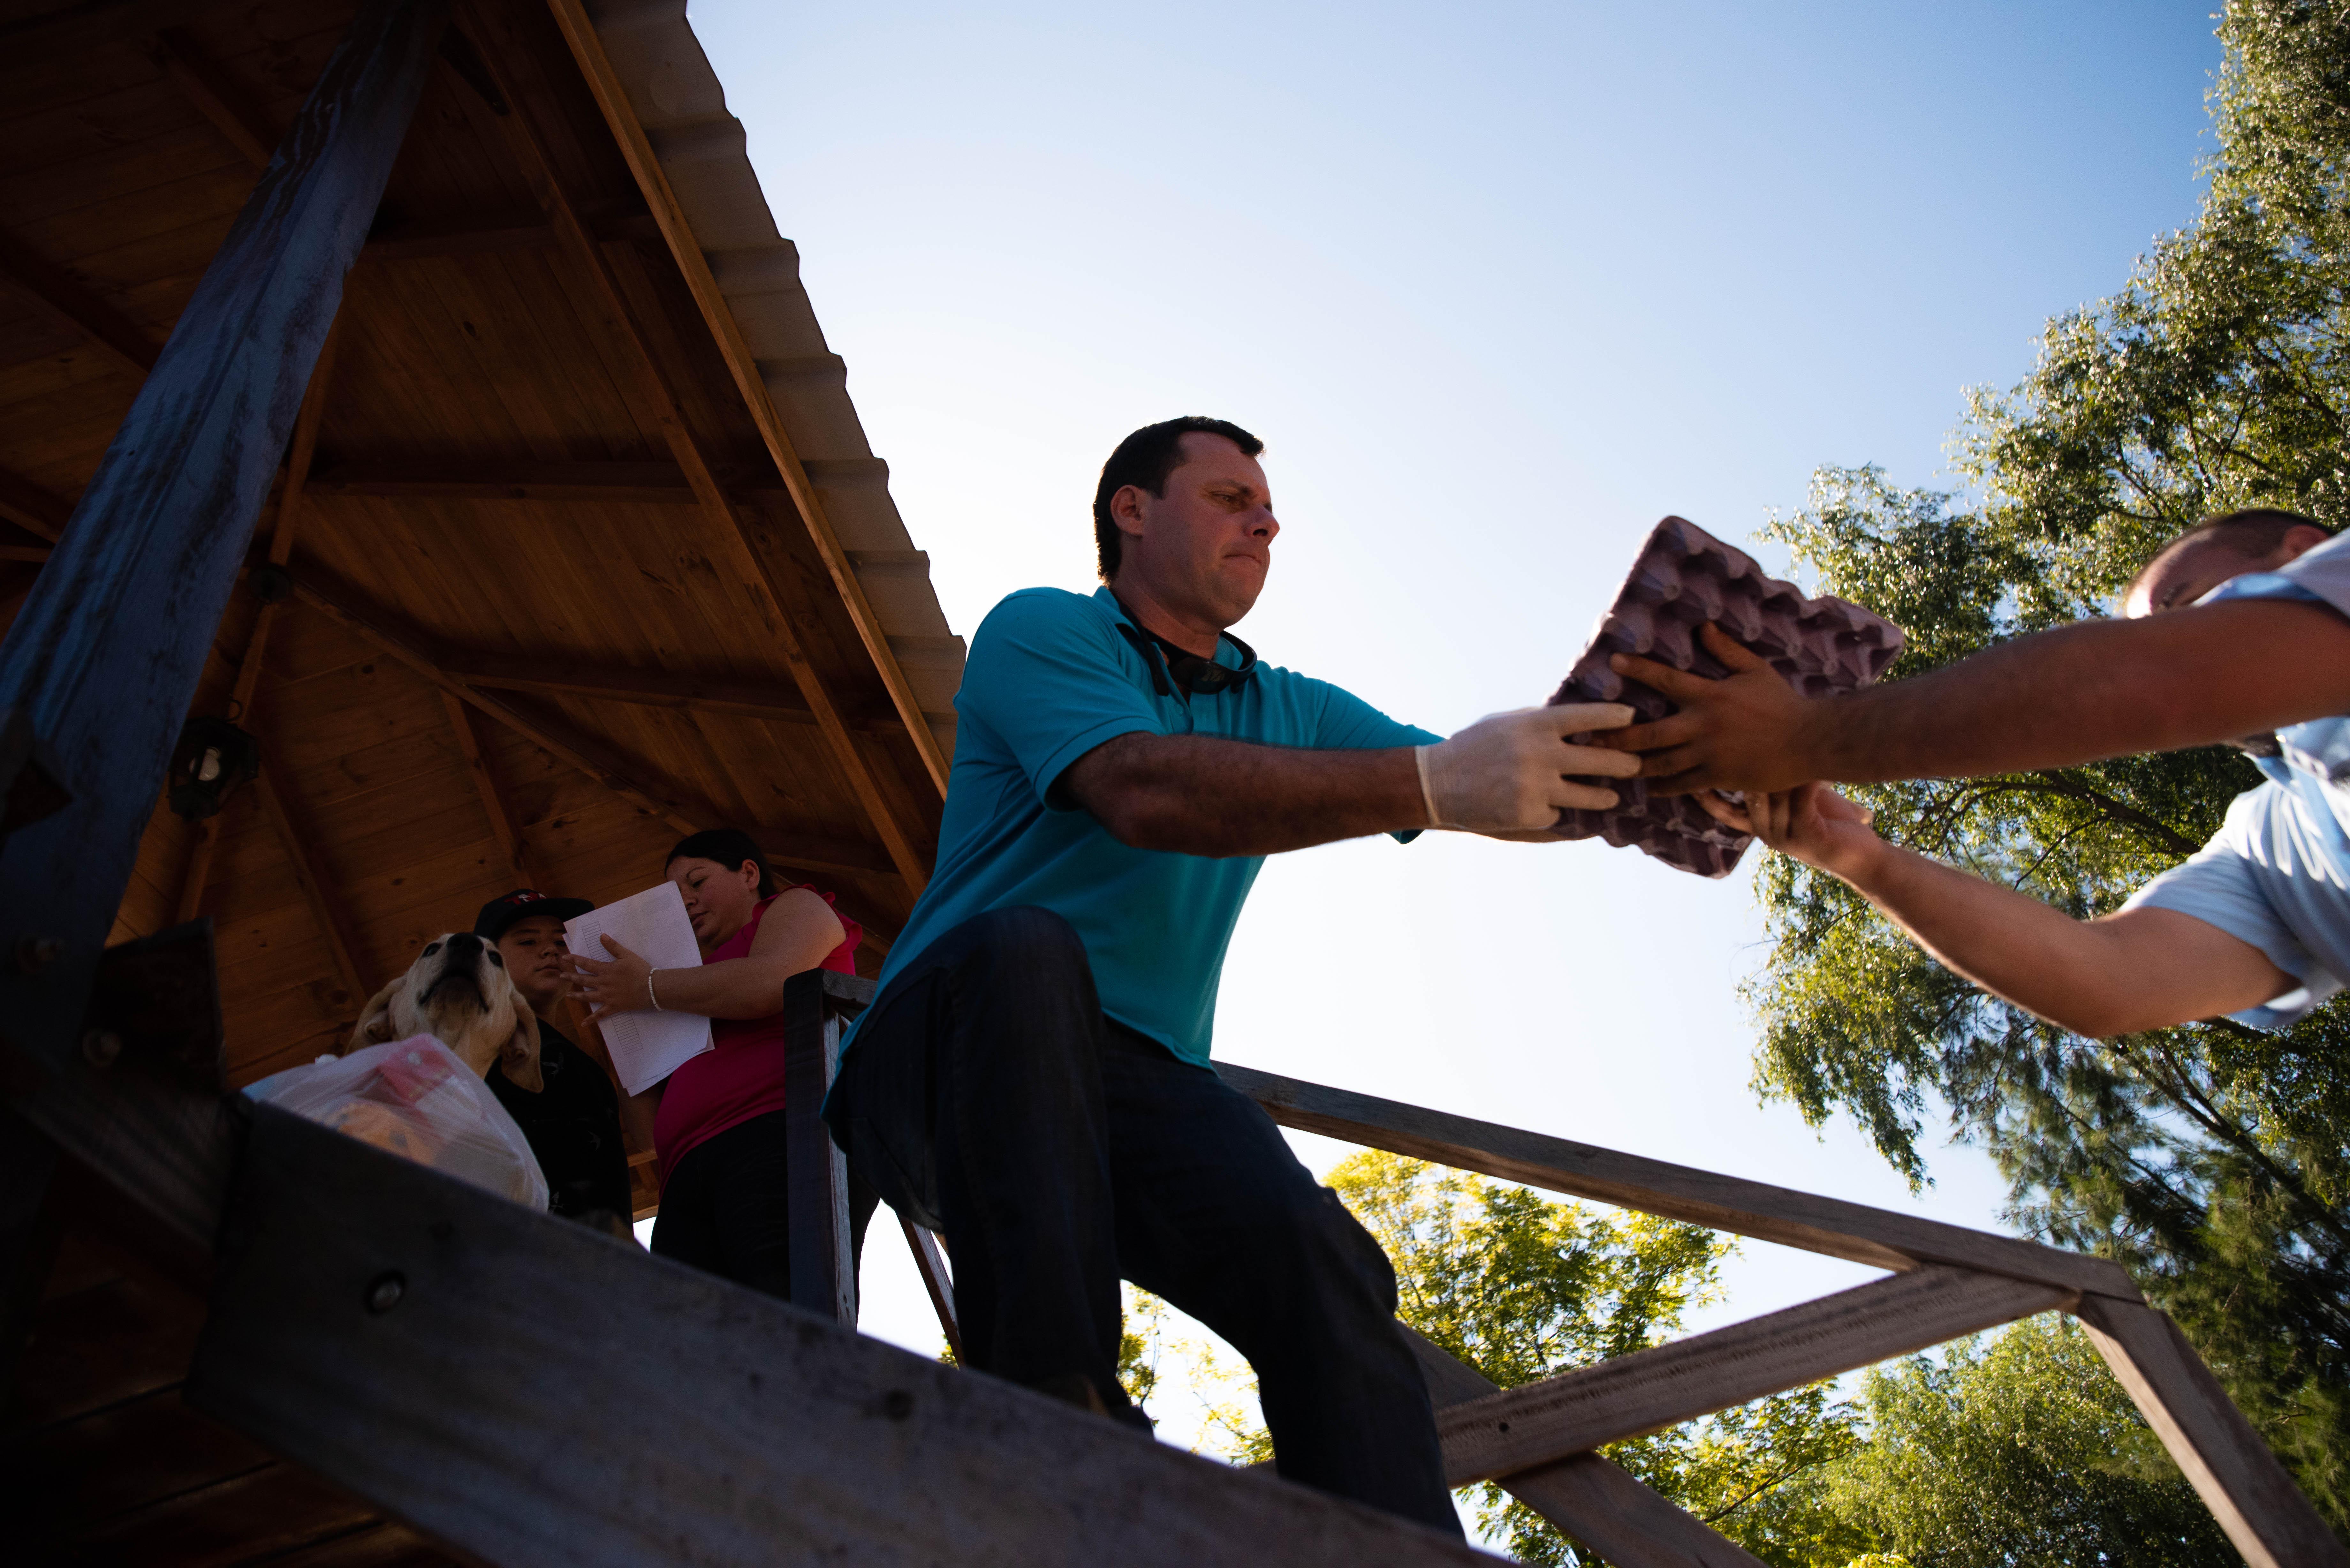 Diego, uno de los docentes que participó de la entrega de kits, descarga alimentos frente a la casa de uno de sus alumnos. (Foto: Franco Fafasuli)